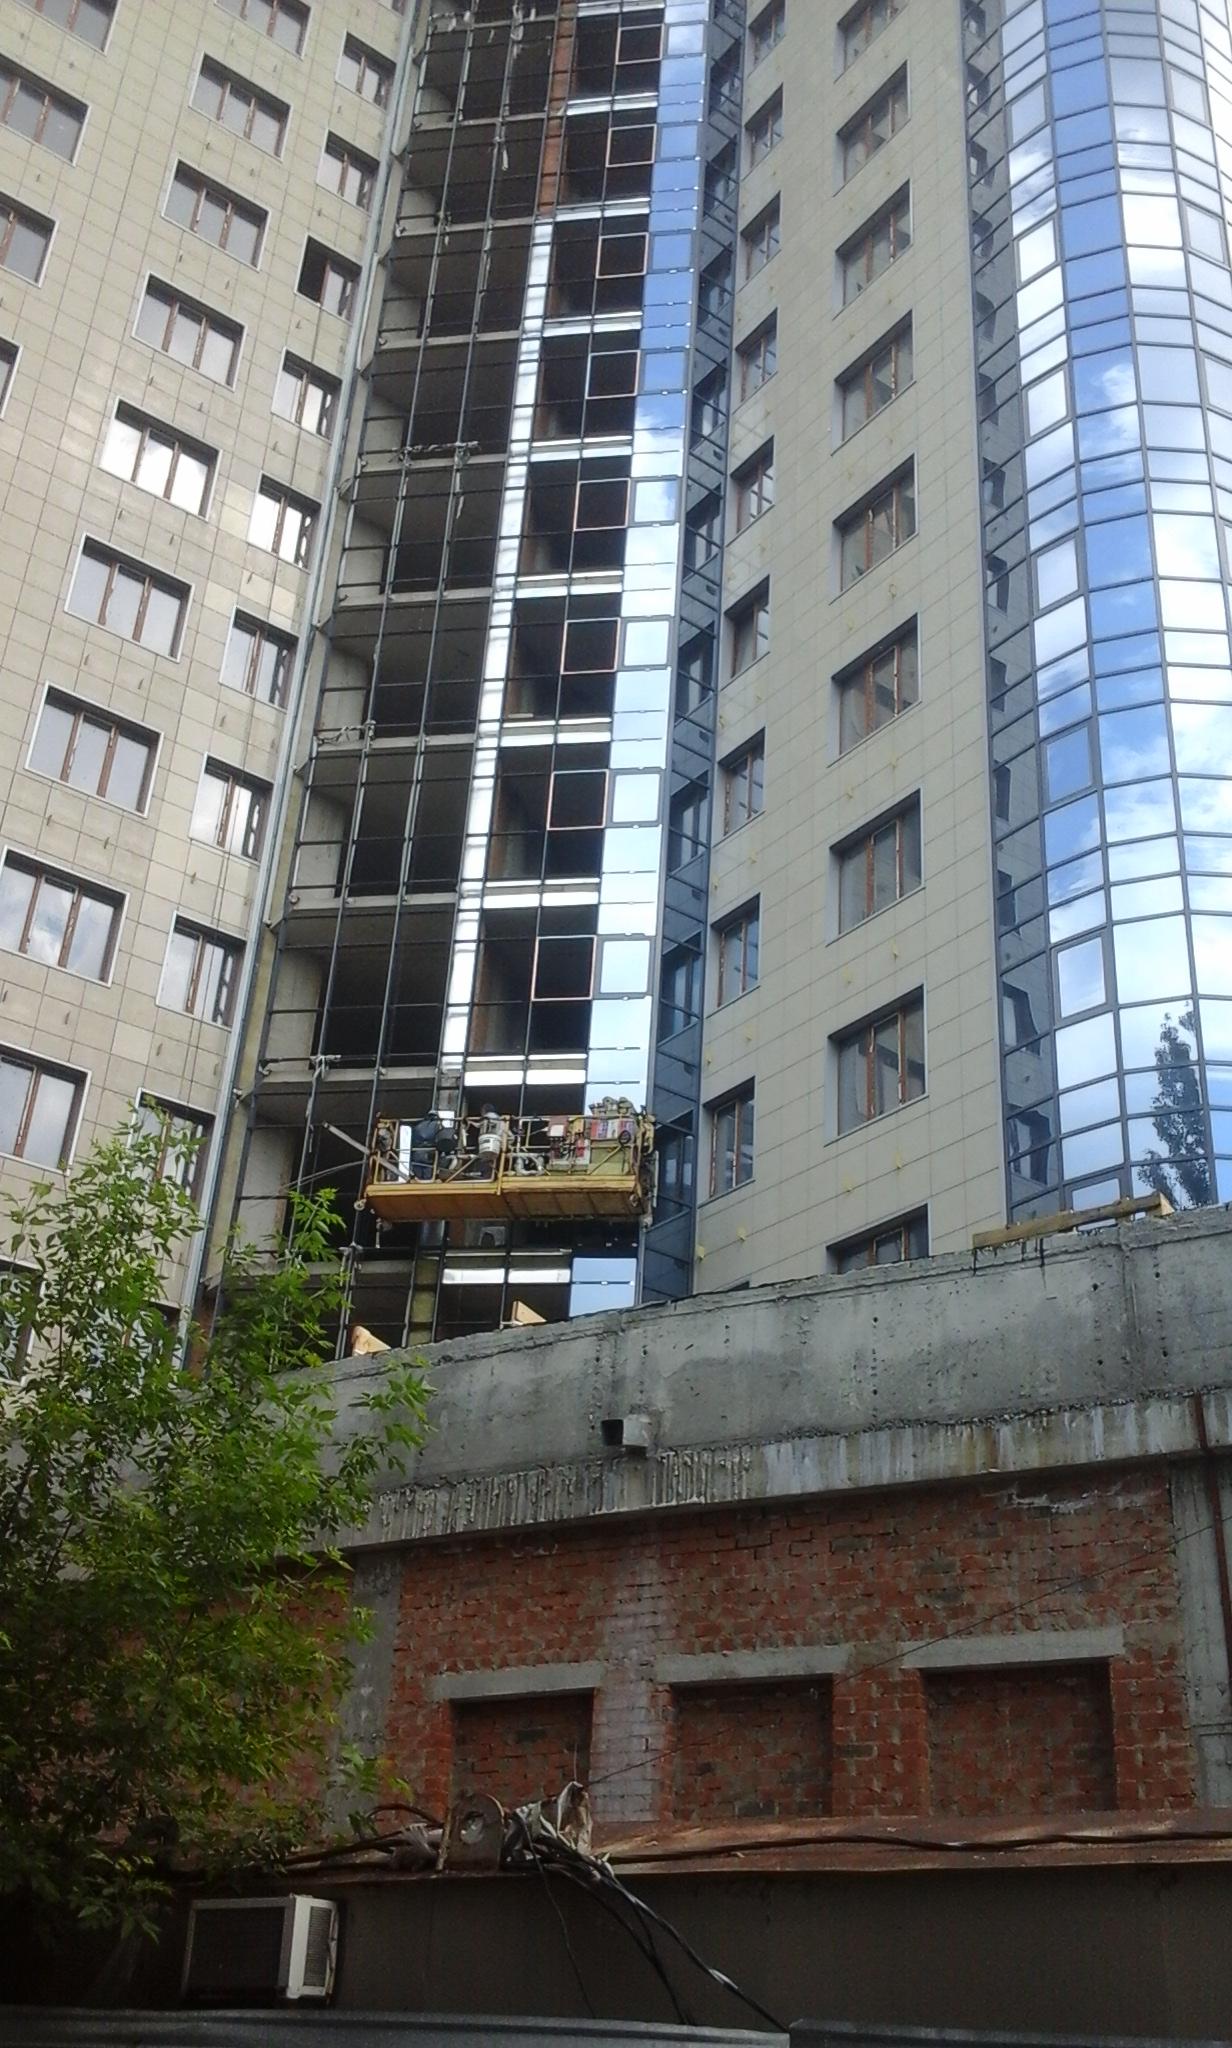 Строительство продолжается! ведутся внутренние отделочные работы и витражное остекление